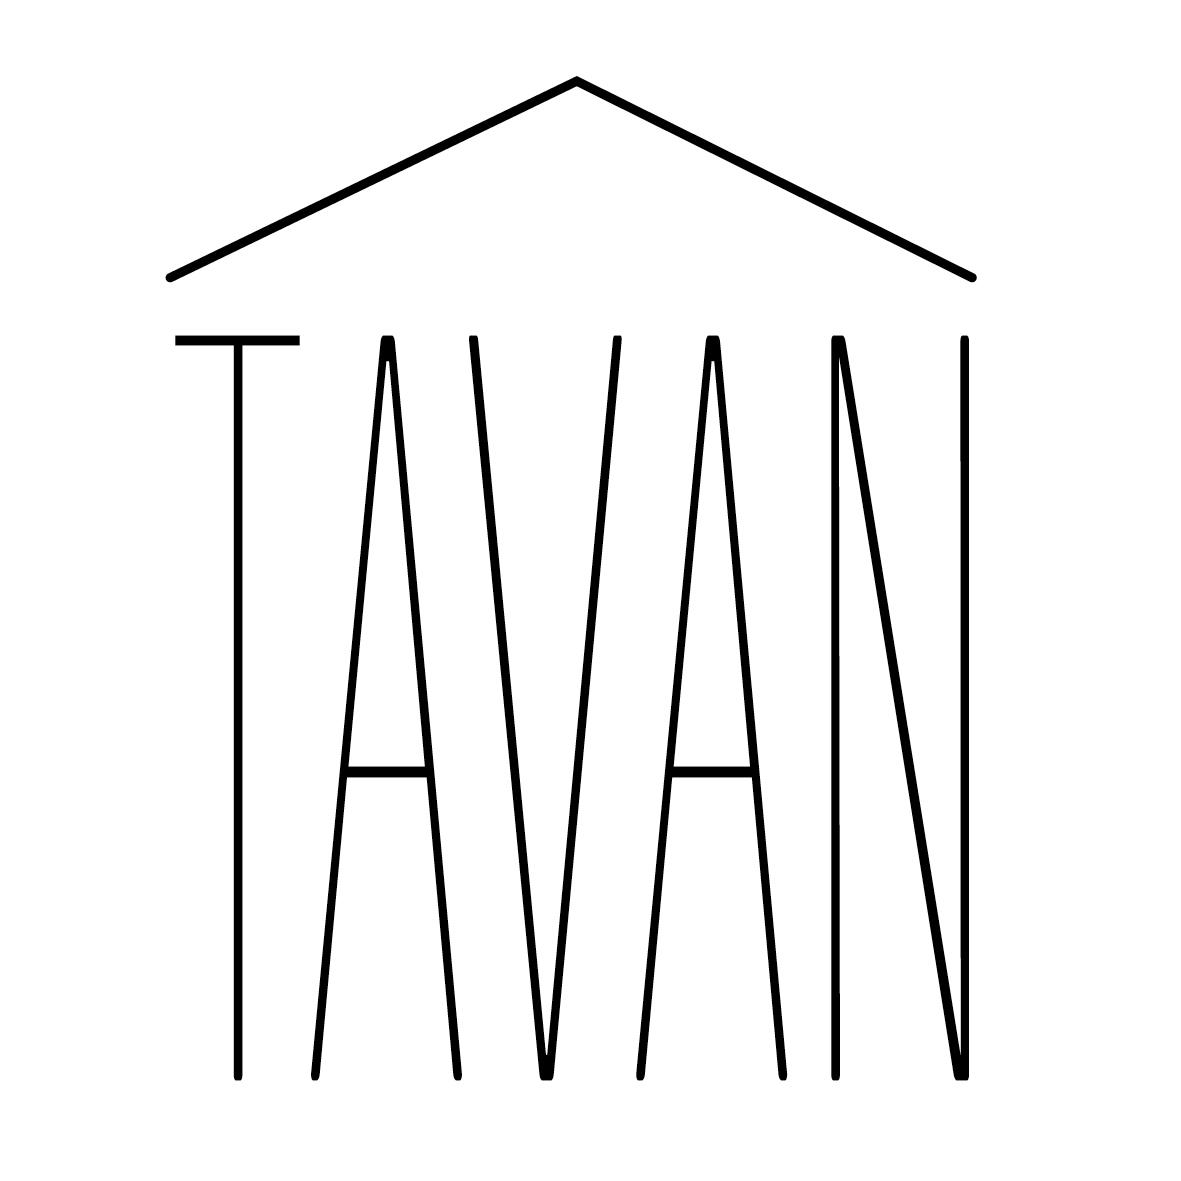 (S)tvoriteljice su moga, Tavan-skoga, logotipa - CMOK! / They've created my logo - MWAH!